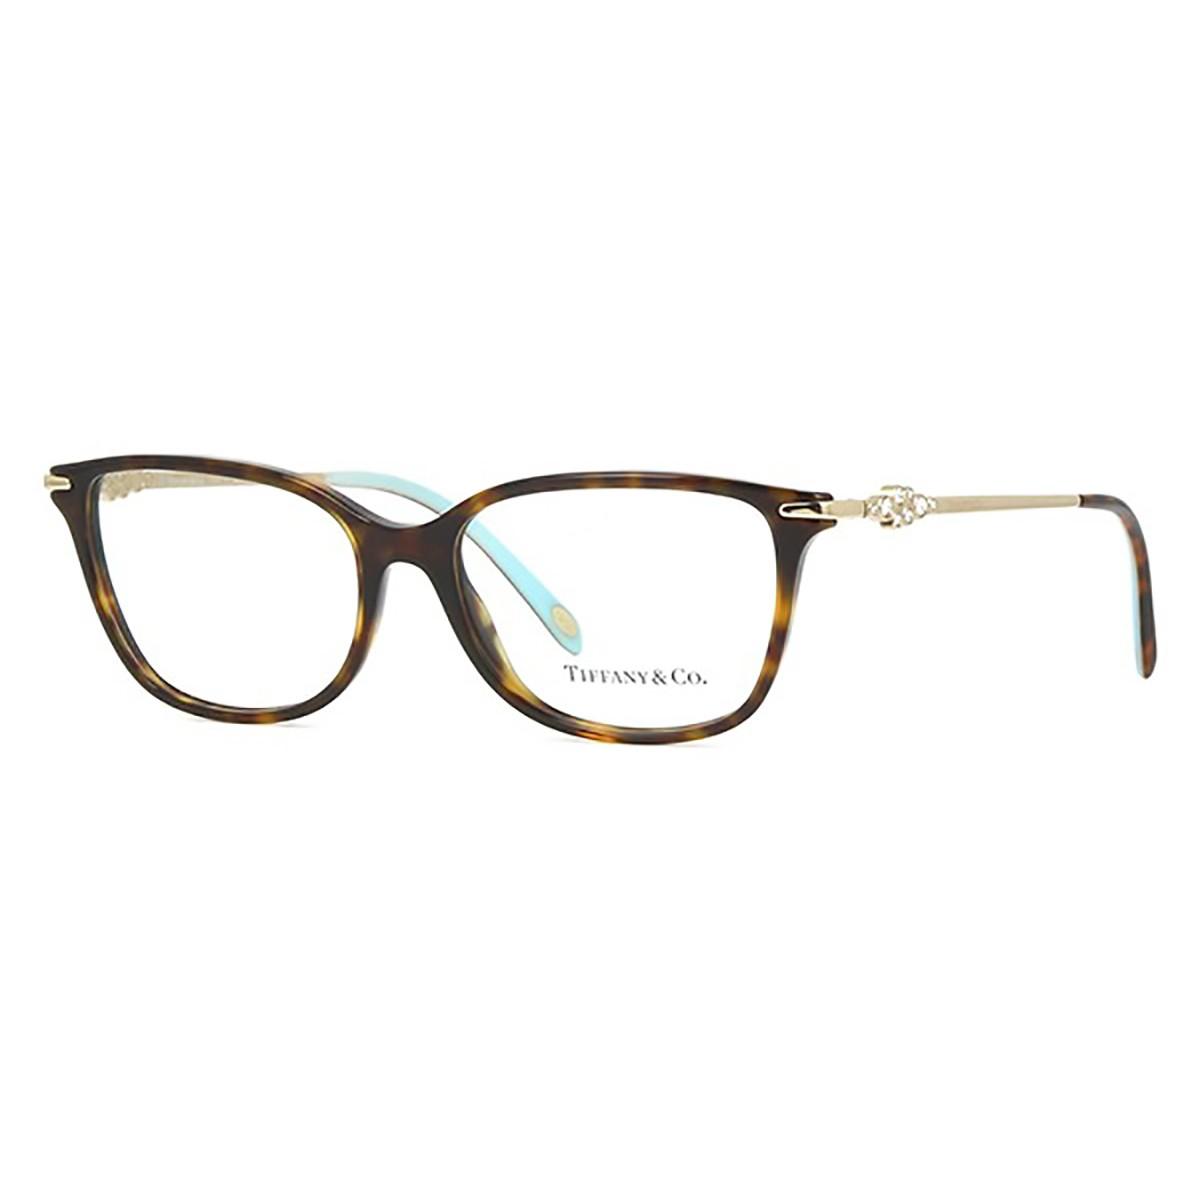 2fa6ff8e16391 Compre Óculos de Grau Tiffany   Co. em 10X